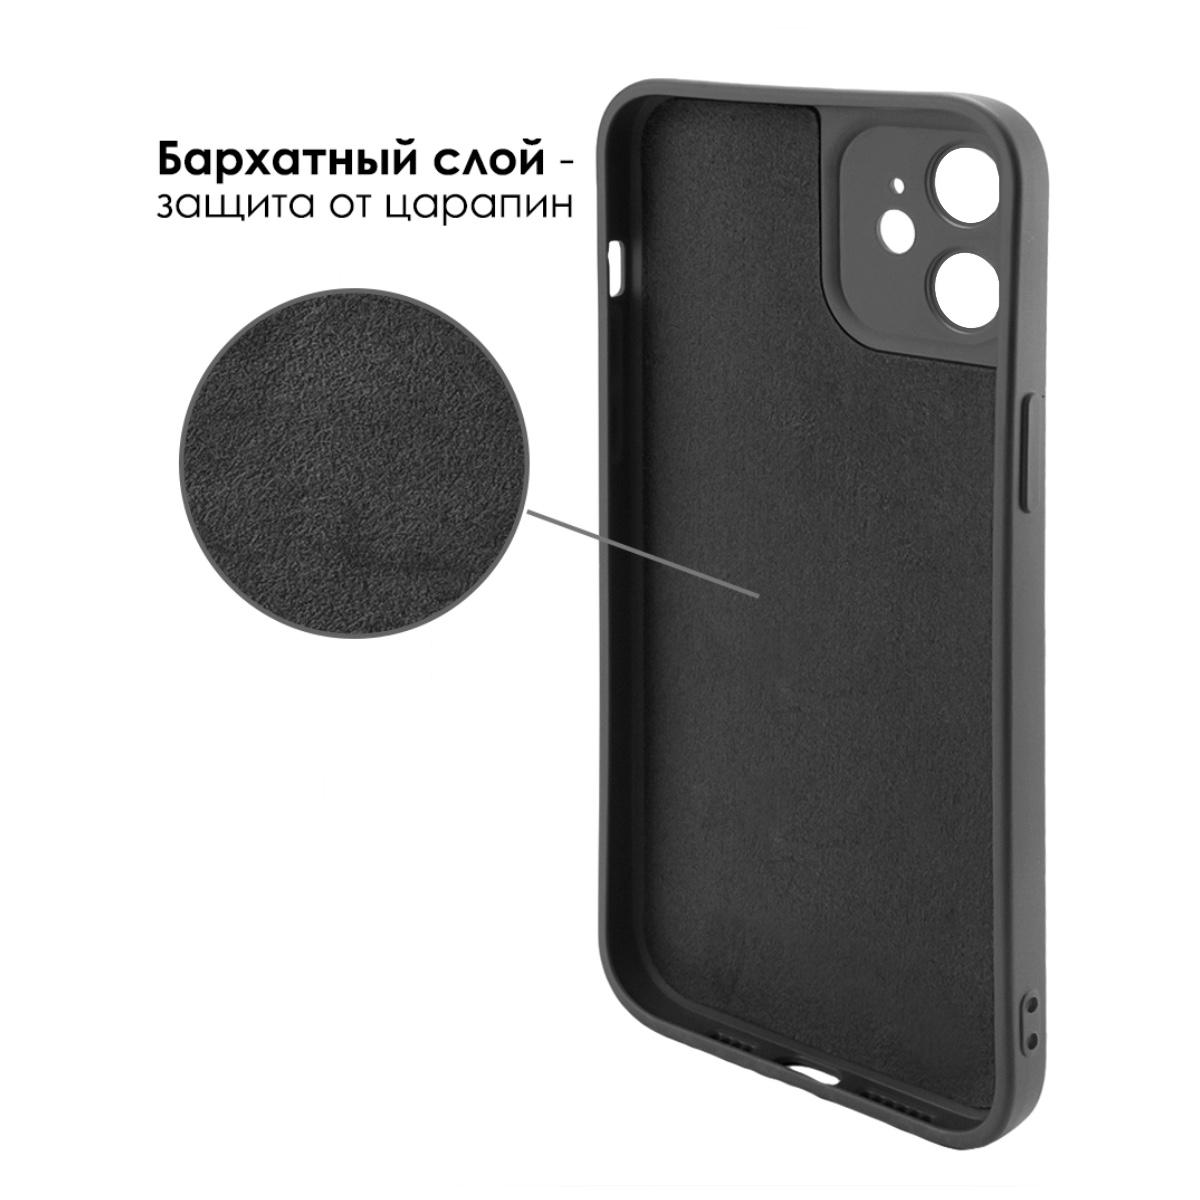 Черный силиконовый чехол для iPhone 12/12 Pro Scarface Tony Montana/ Лицо со шрамом для Айфон 12/12 Про